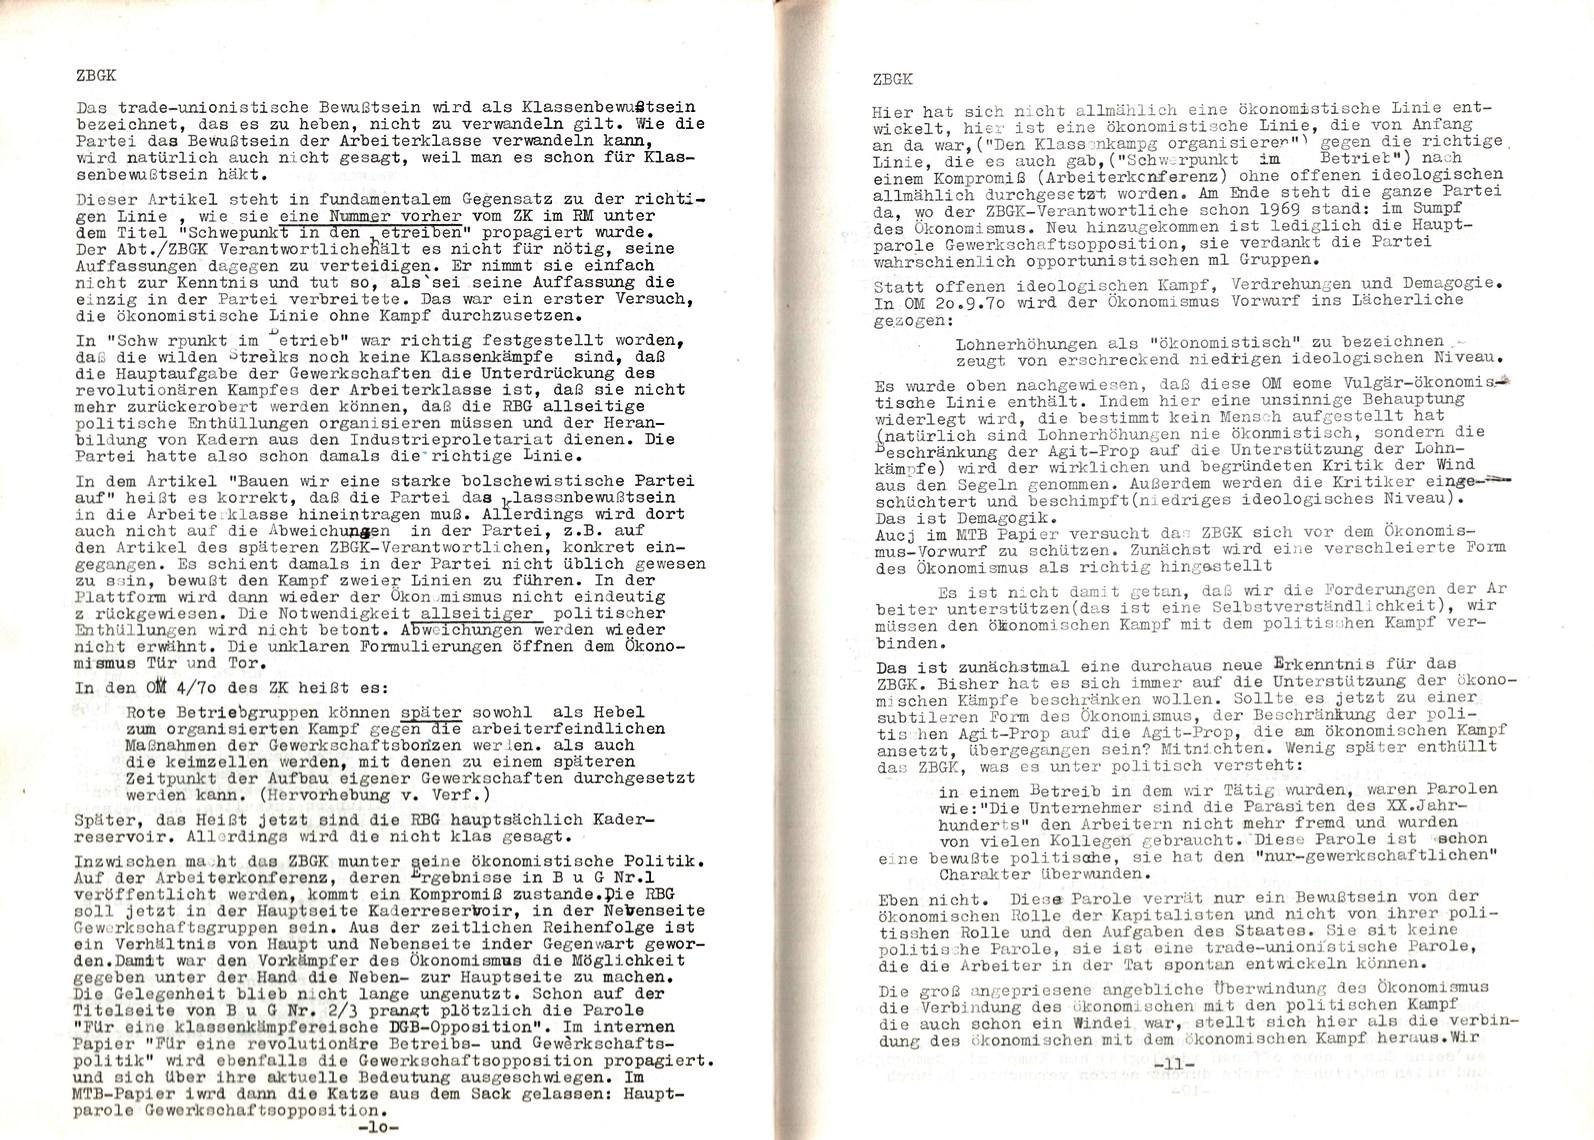 KPDML_1971_Analysen_und_Antraege_des_LV_Sued_West_027